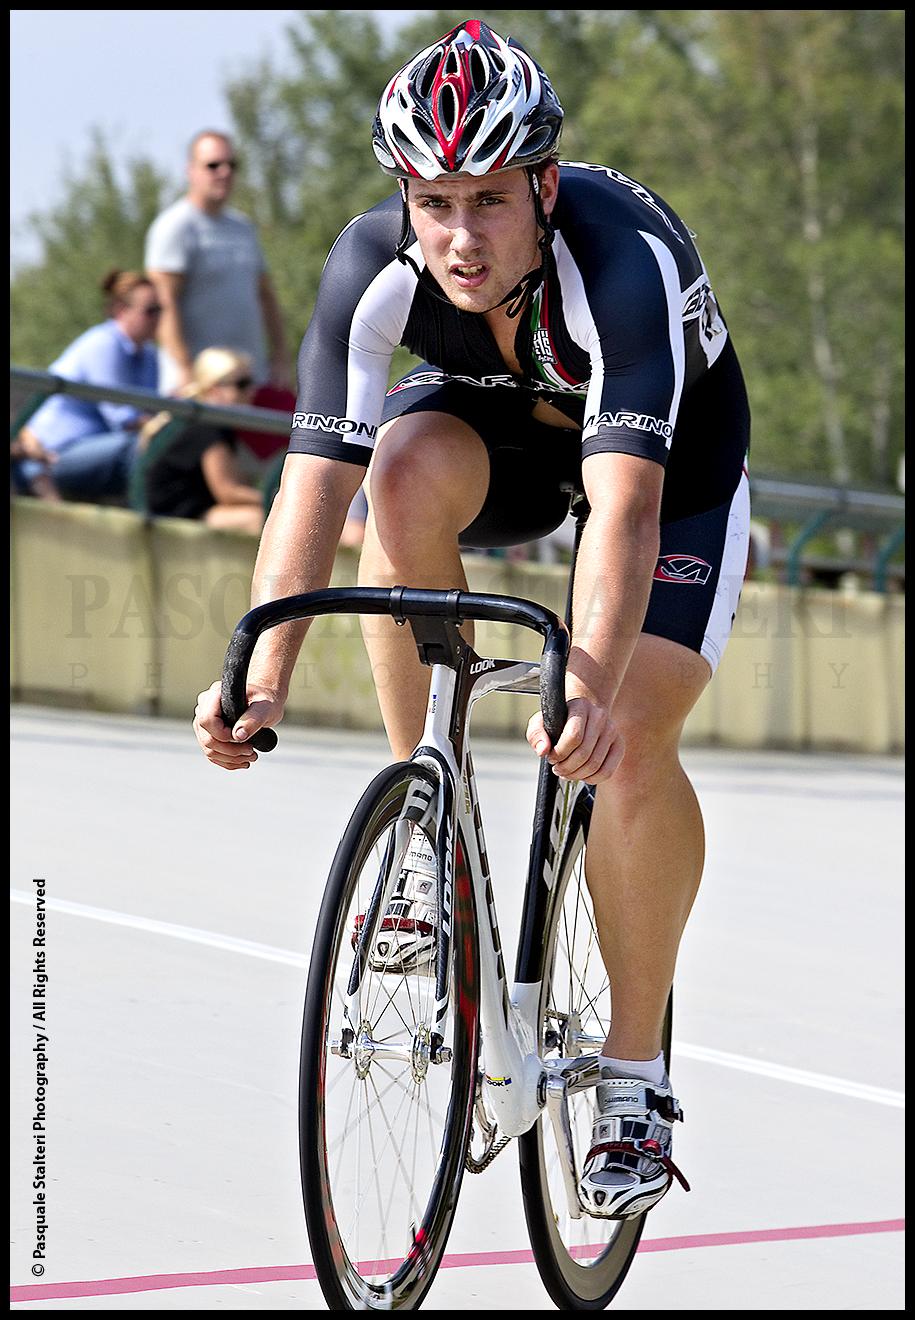 Championnats qu b cois sur piste september 03 2011 for Le miroir du cyclisme